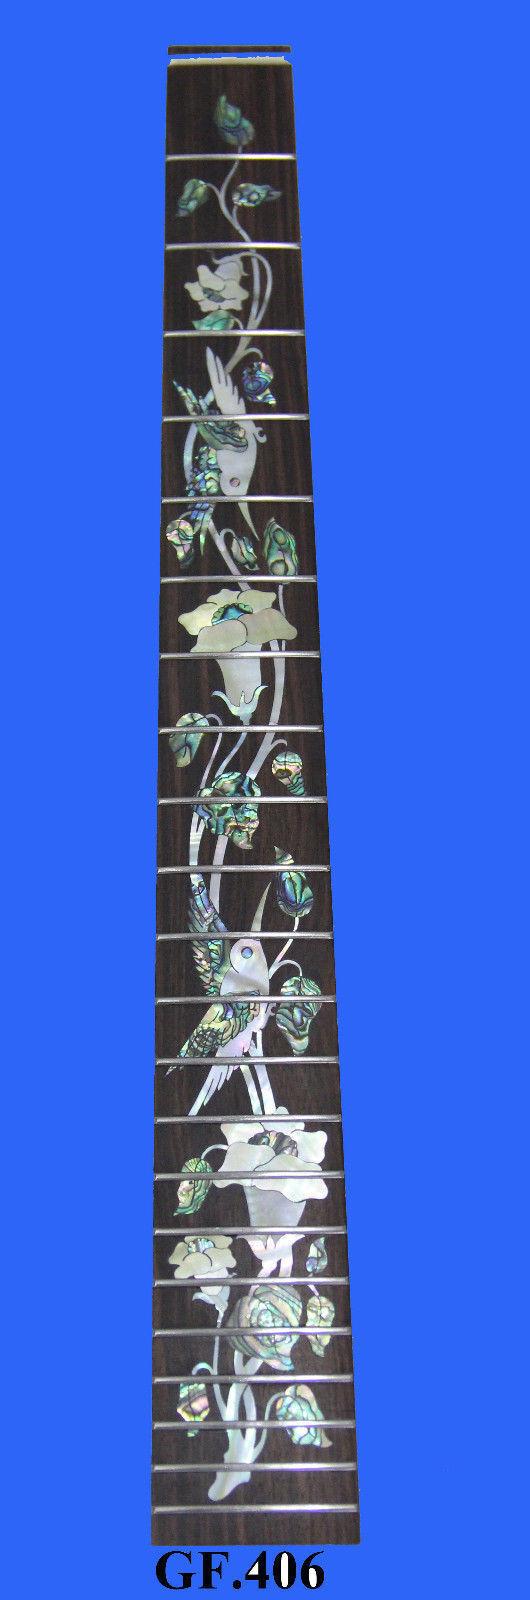 Incrustación de Antonio-pájaro - 22 Trastes - 25.5  escala escala escala sólido R 0 sewood Diapasón Guitarra GF406  deportes calientes